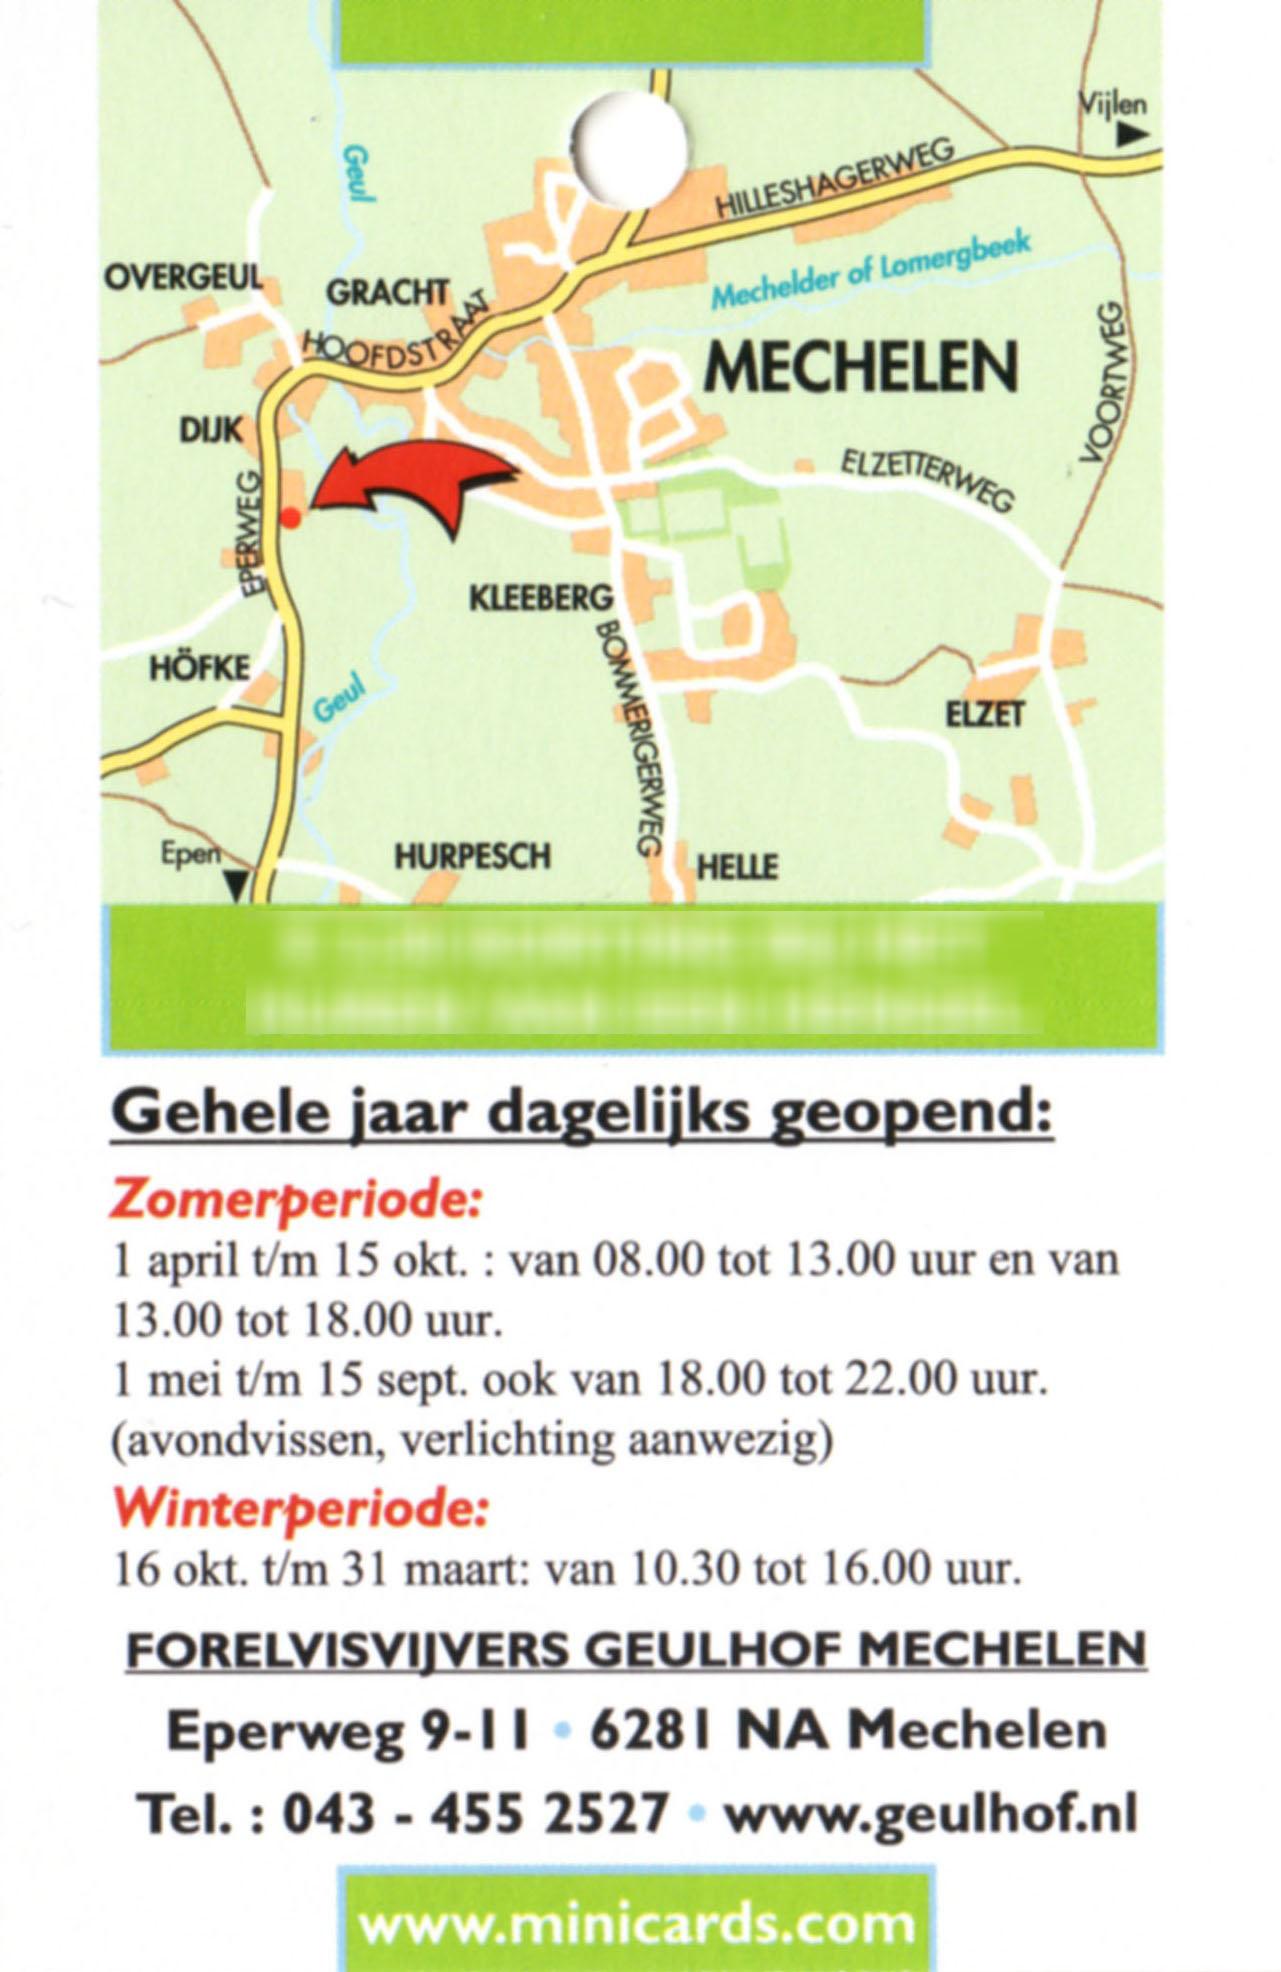 Forelvissen Geulhof Mechelen